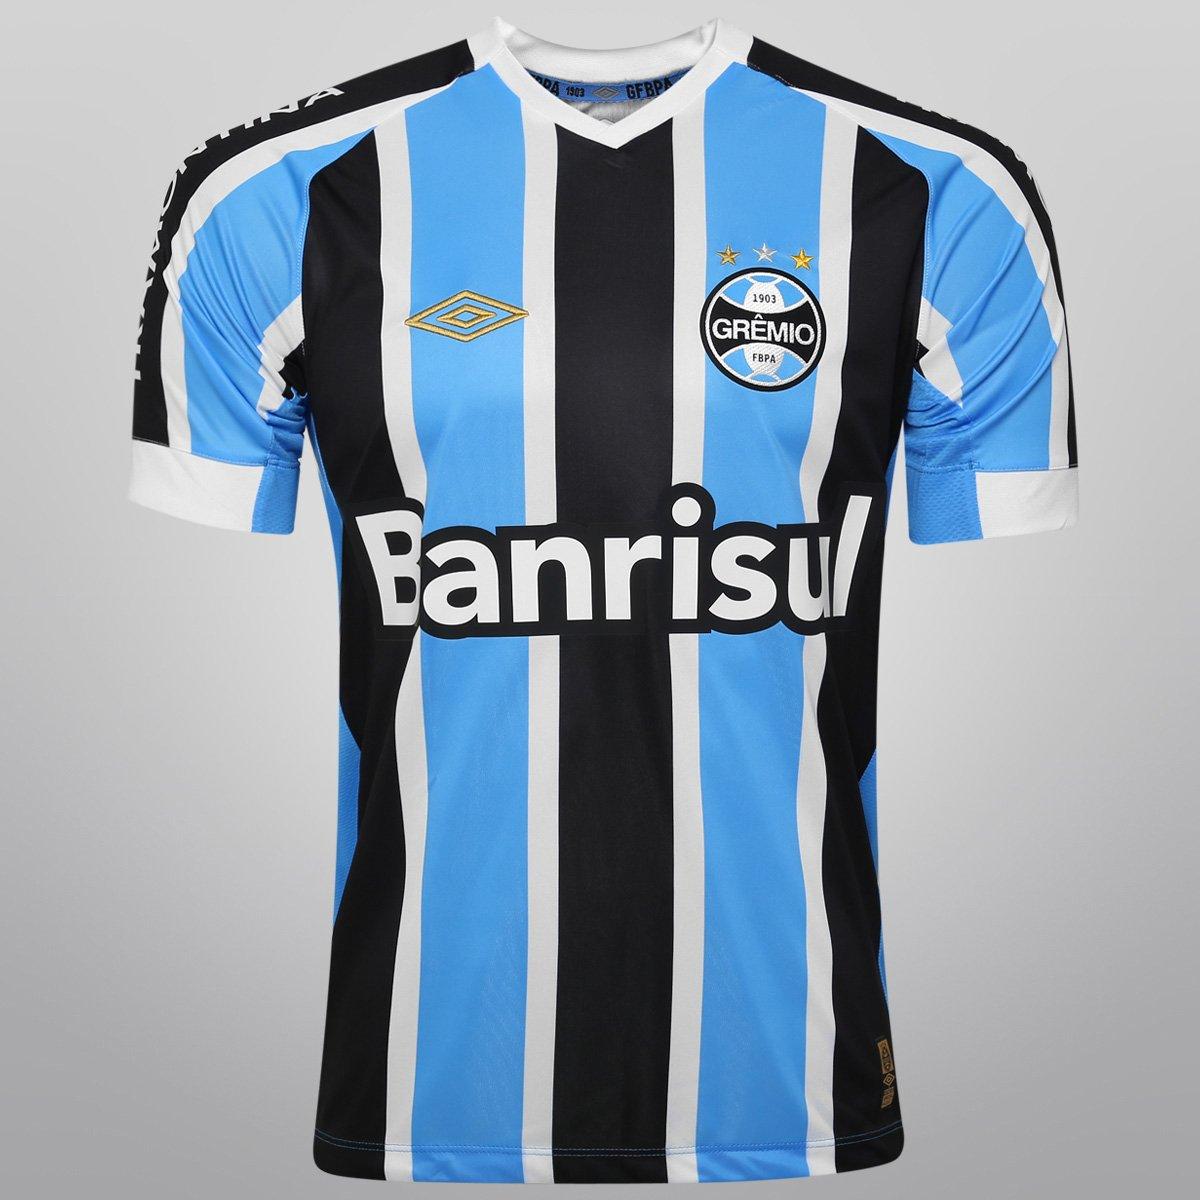 6fb50ce5ddc56 Camisa Umbro Grêmio I 2015 s nº - Compre Agora